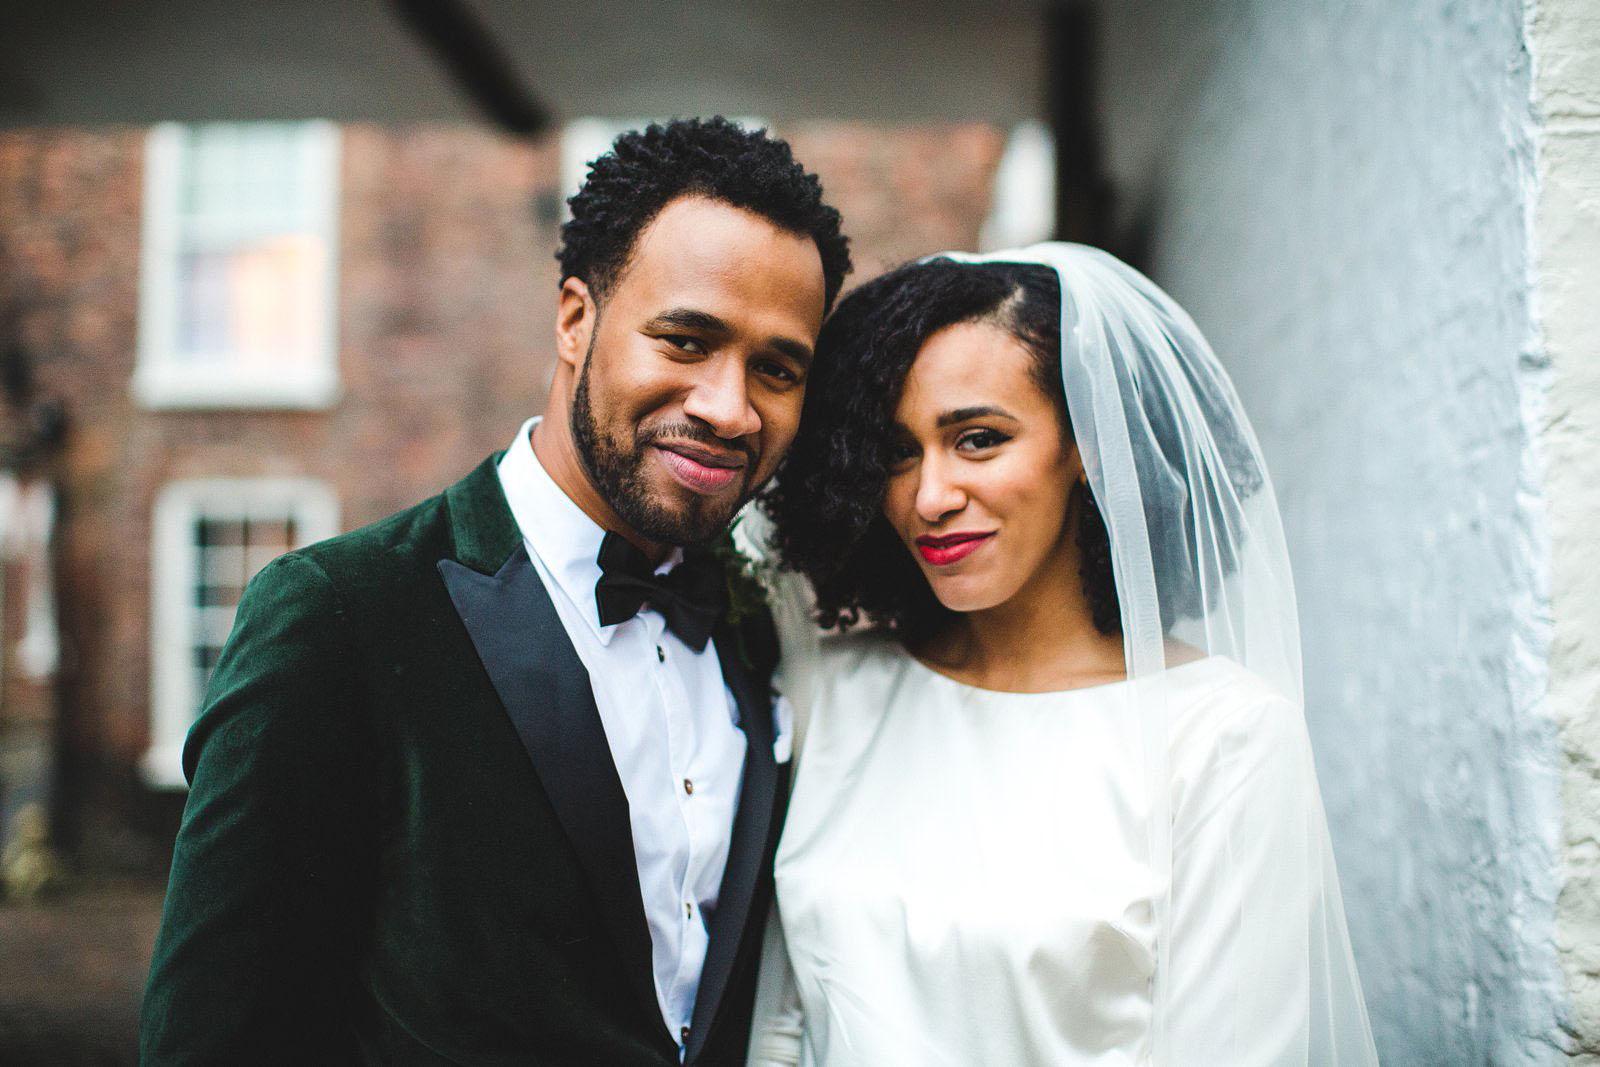 cool wedding couple